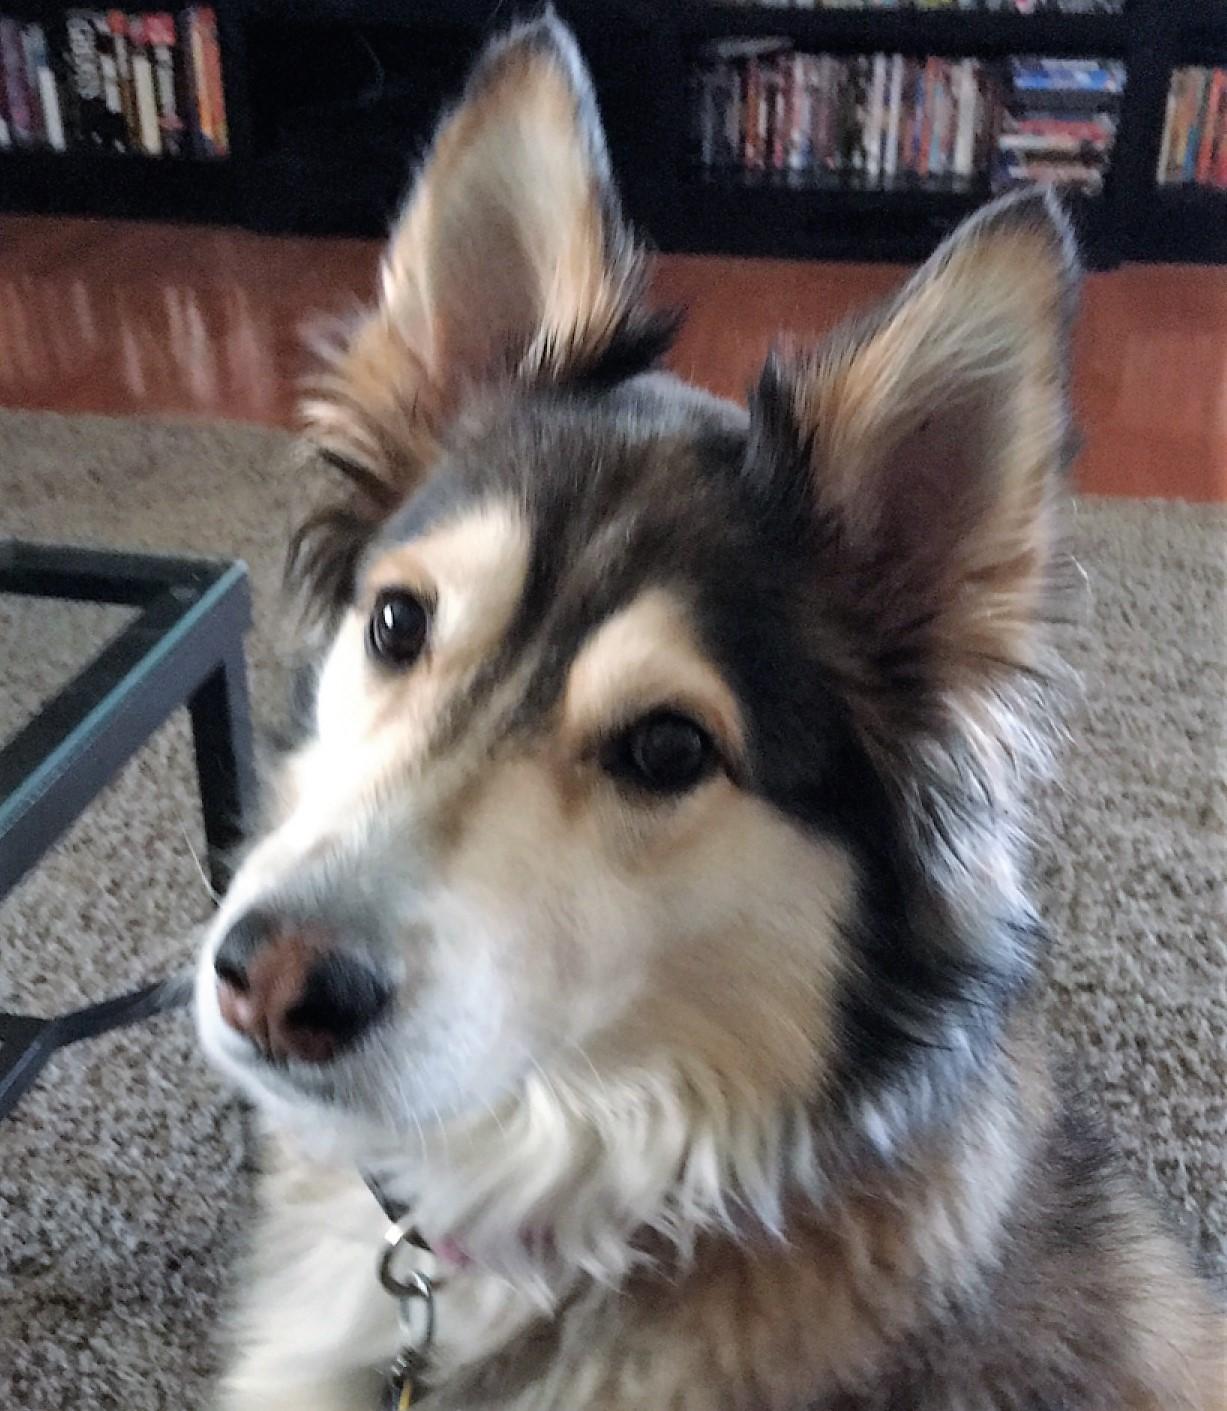 Coda, Cory's dog.